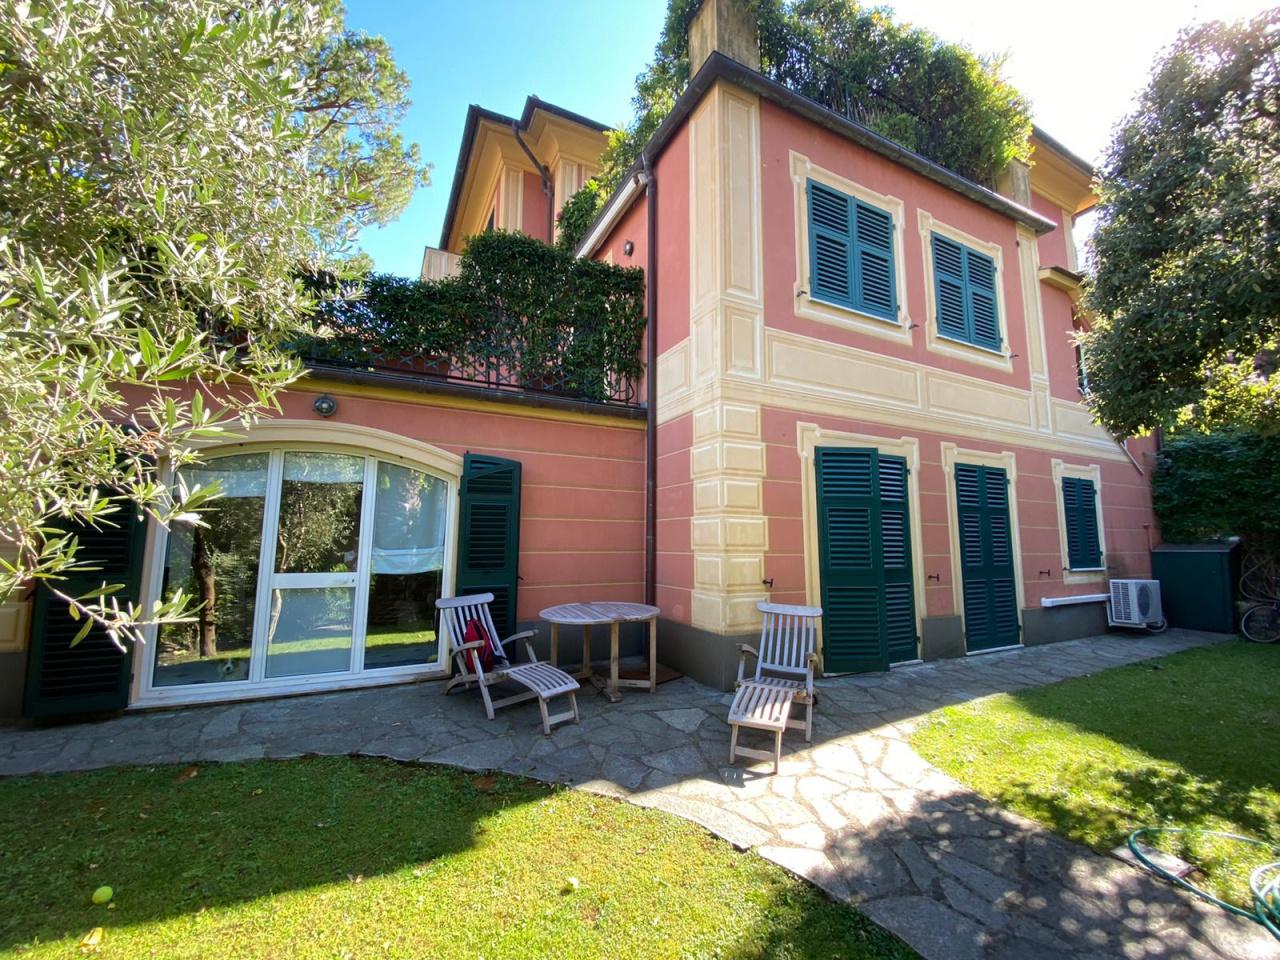 Appartamento in vendita a Santa Margherita Ligure, 5 locali, prezzo € 850.000   PortaleAgenzieImmobiliari.it